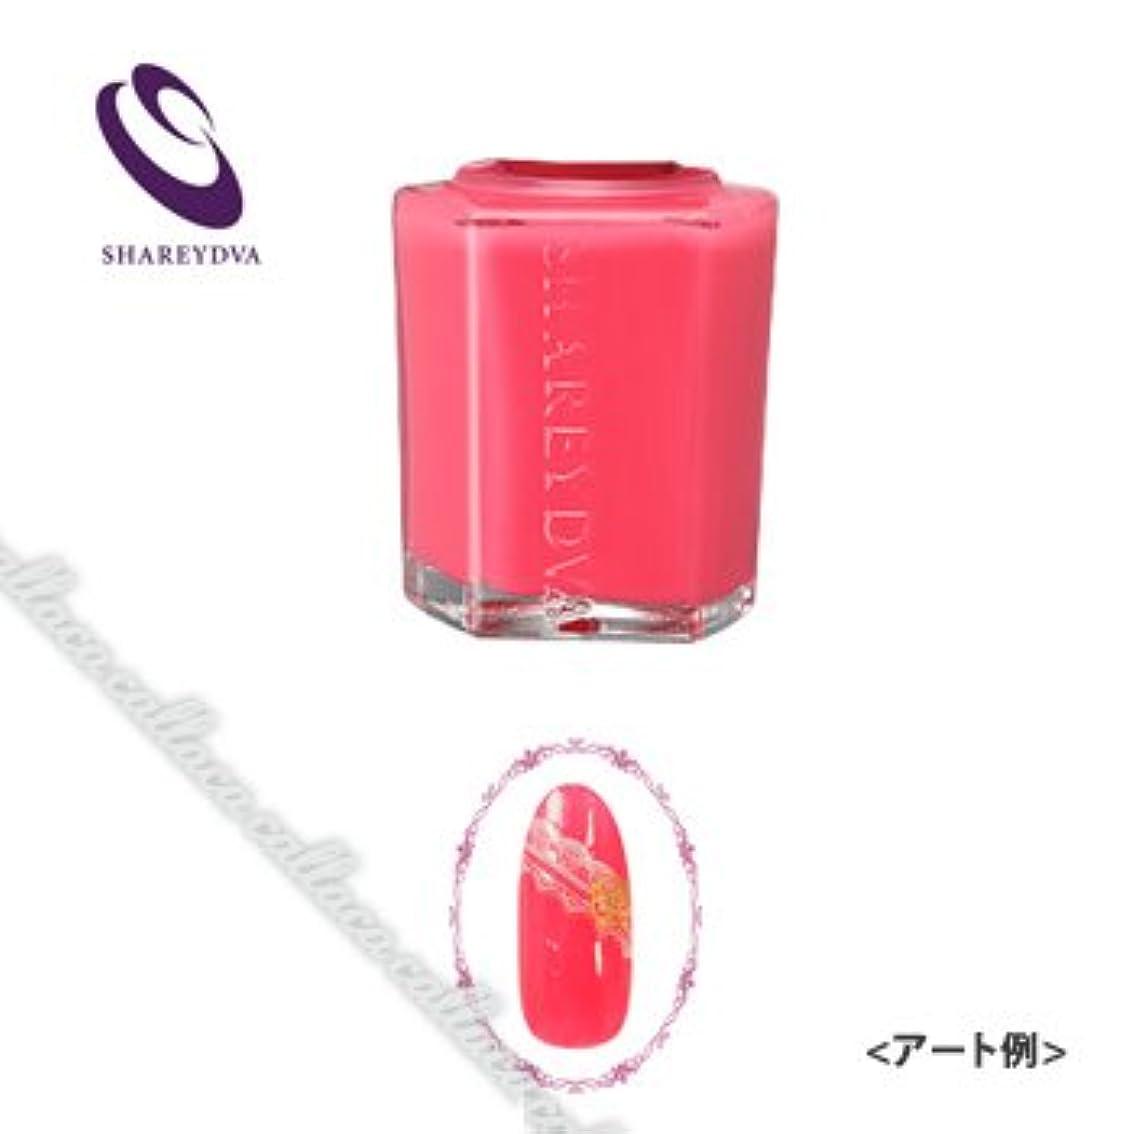 ピカリングテニス目を覚ますSHAREYDVAカラー No.35(15ml)